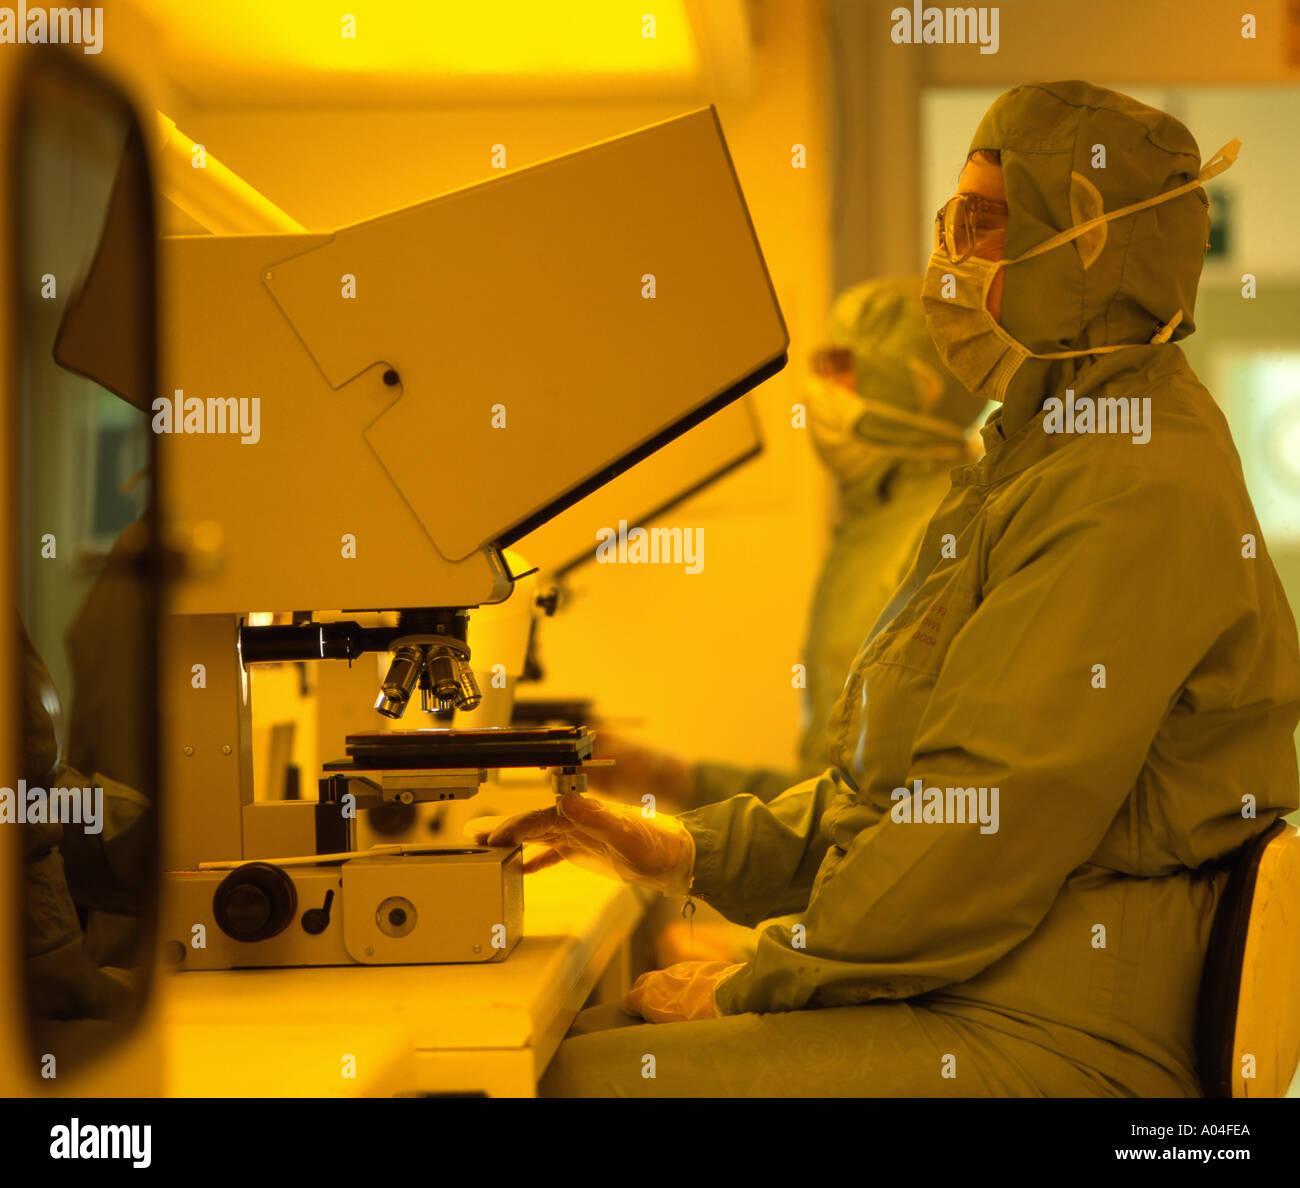 photolithography stock photos  u0026 photolithography stock